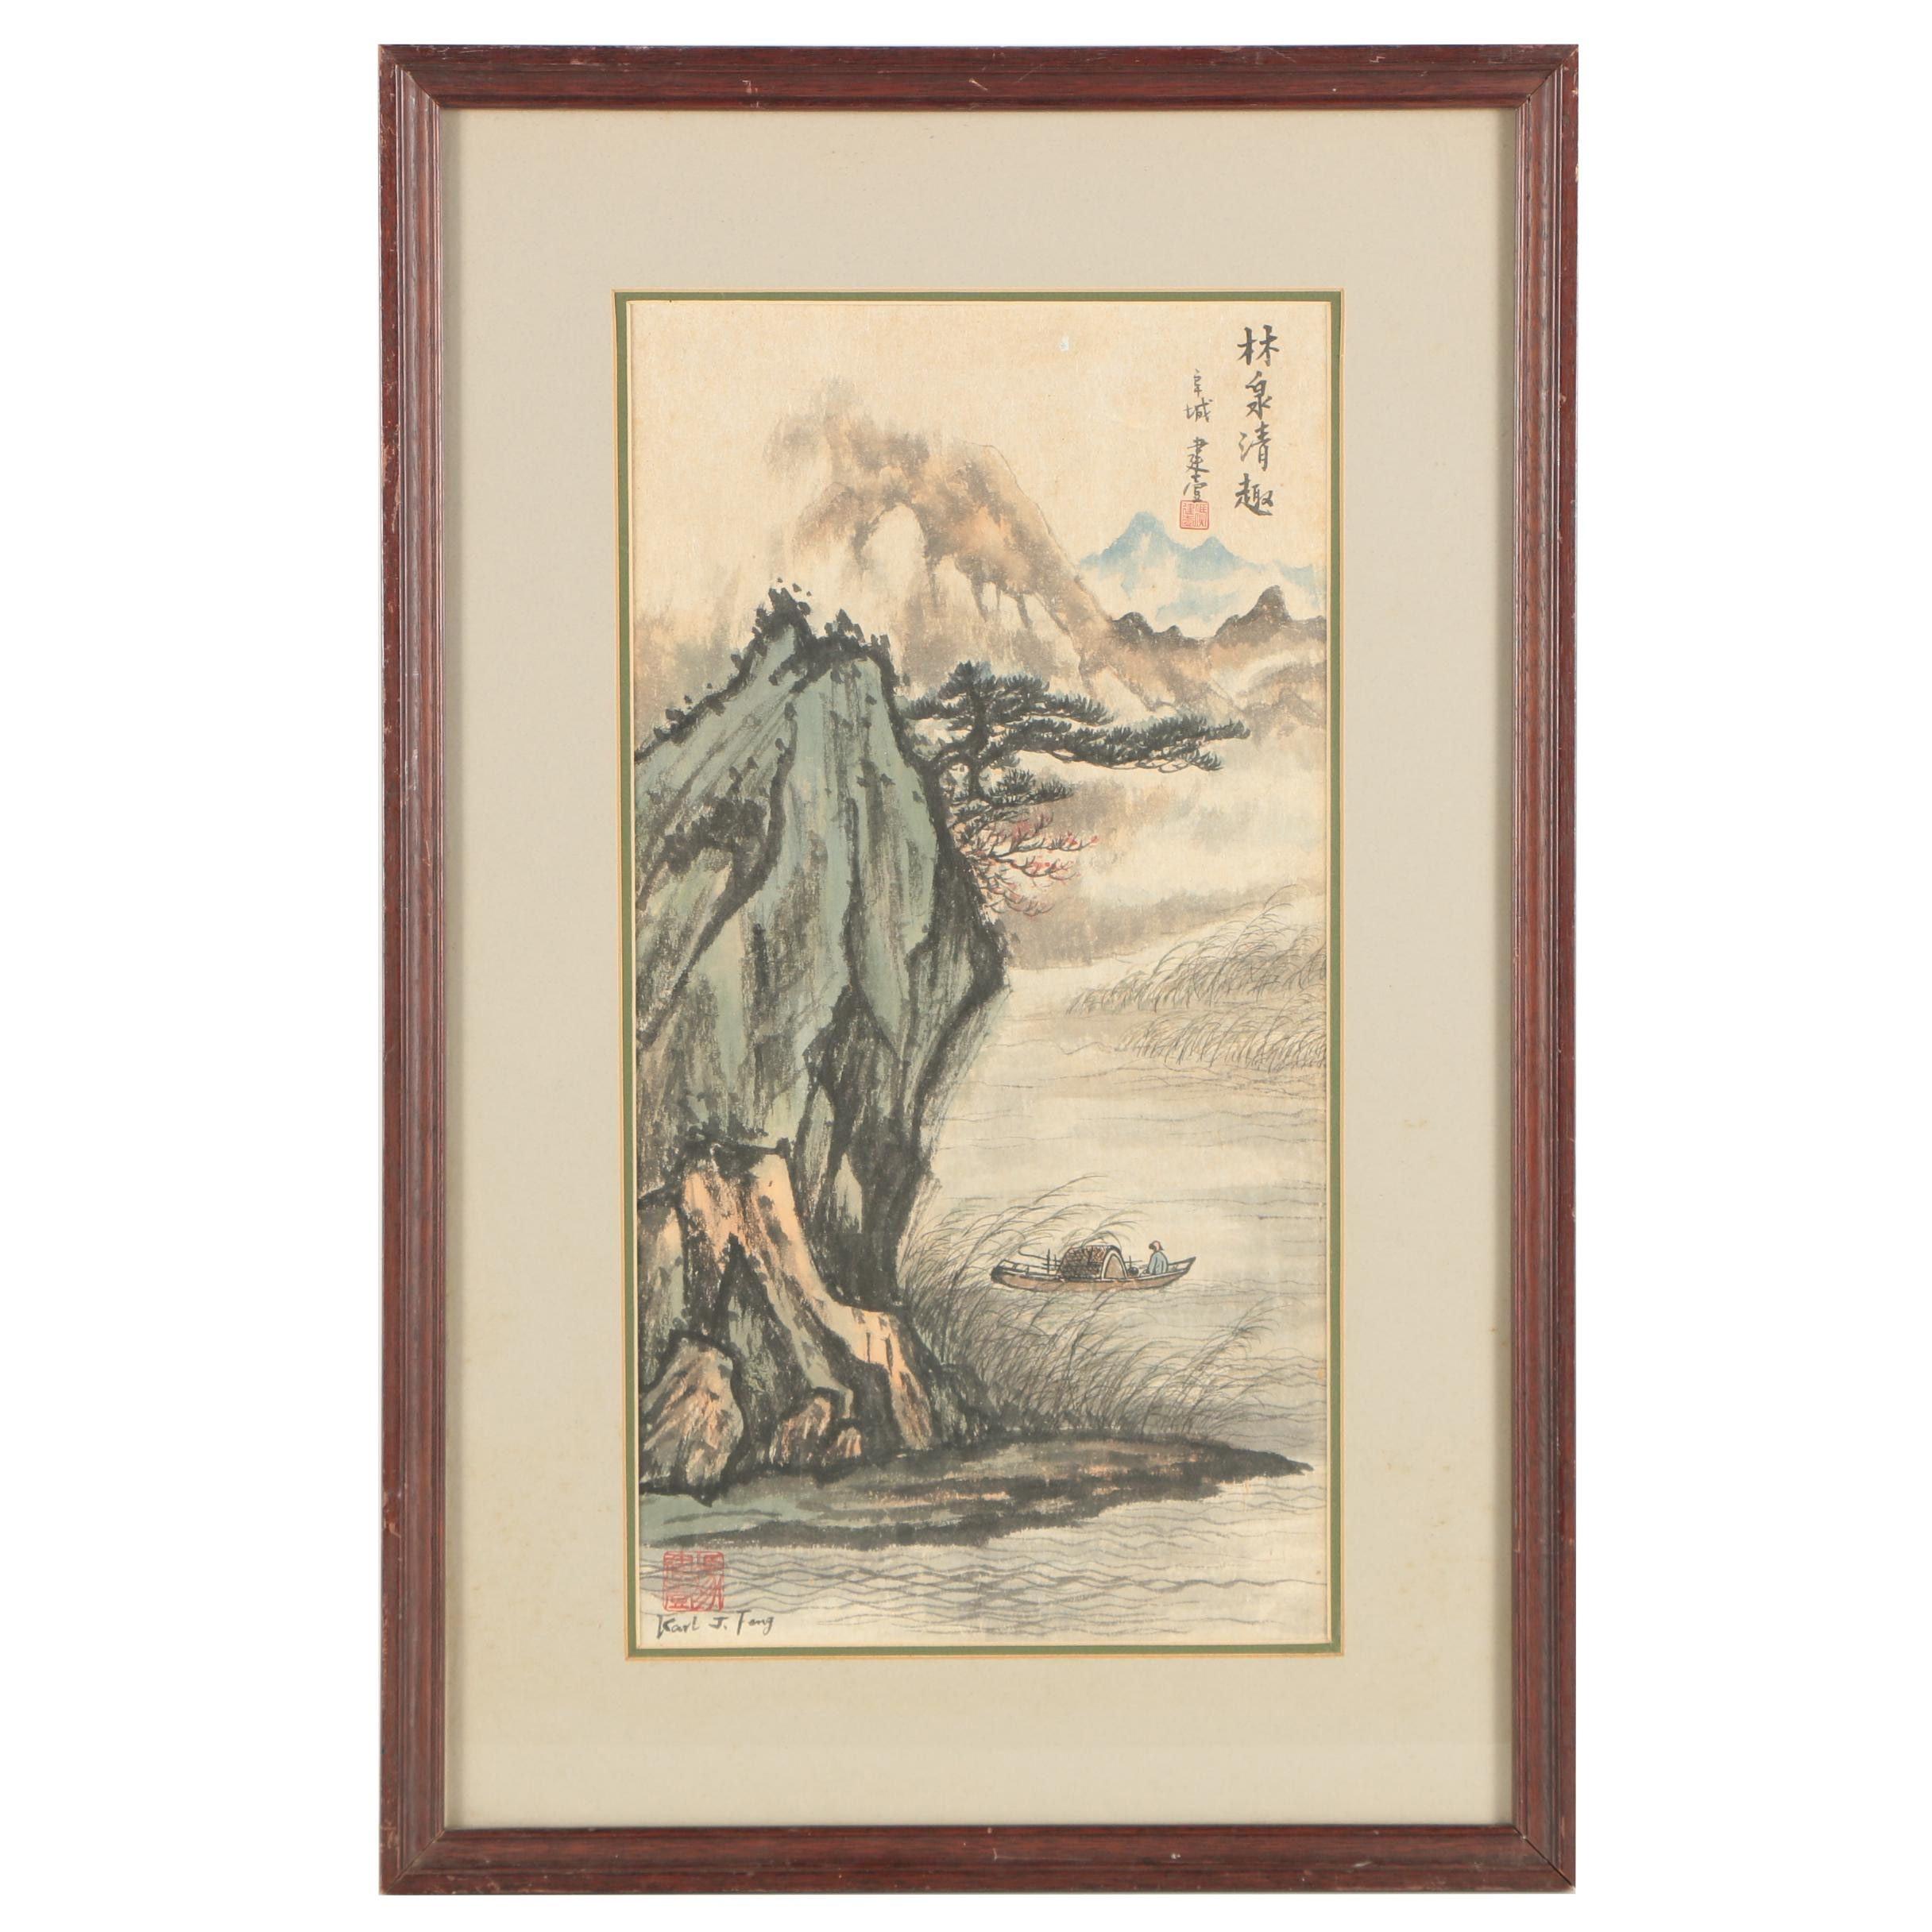 Karl J. Feng Watercolor Painting